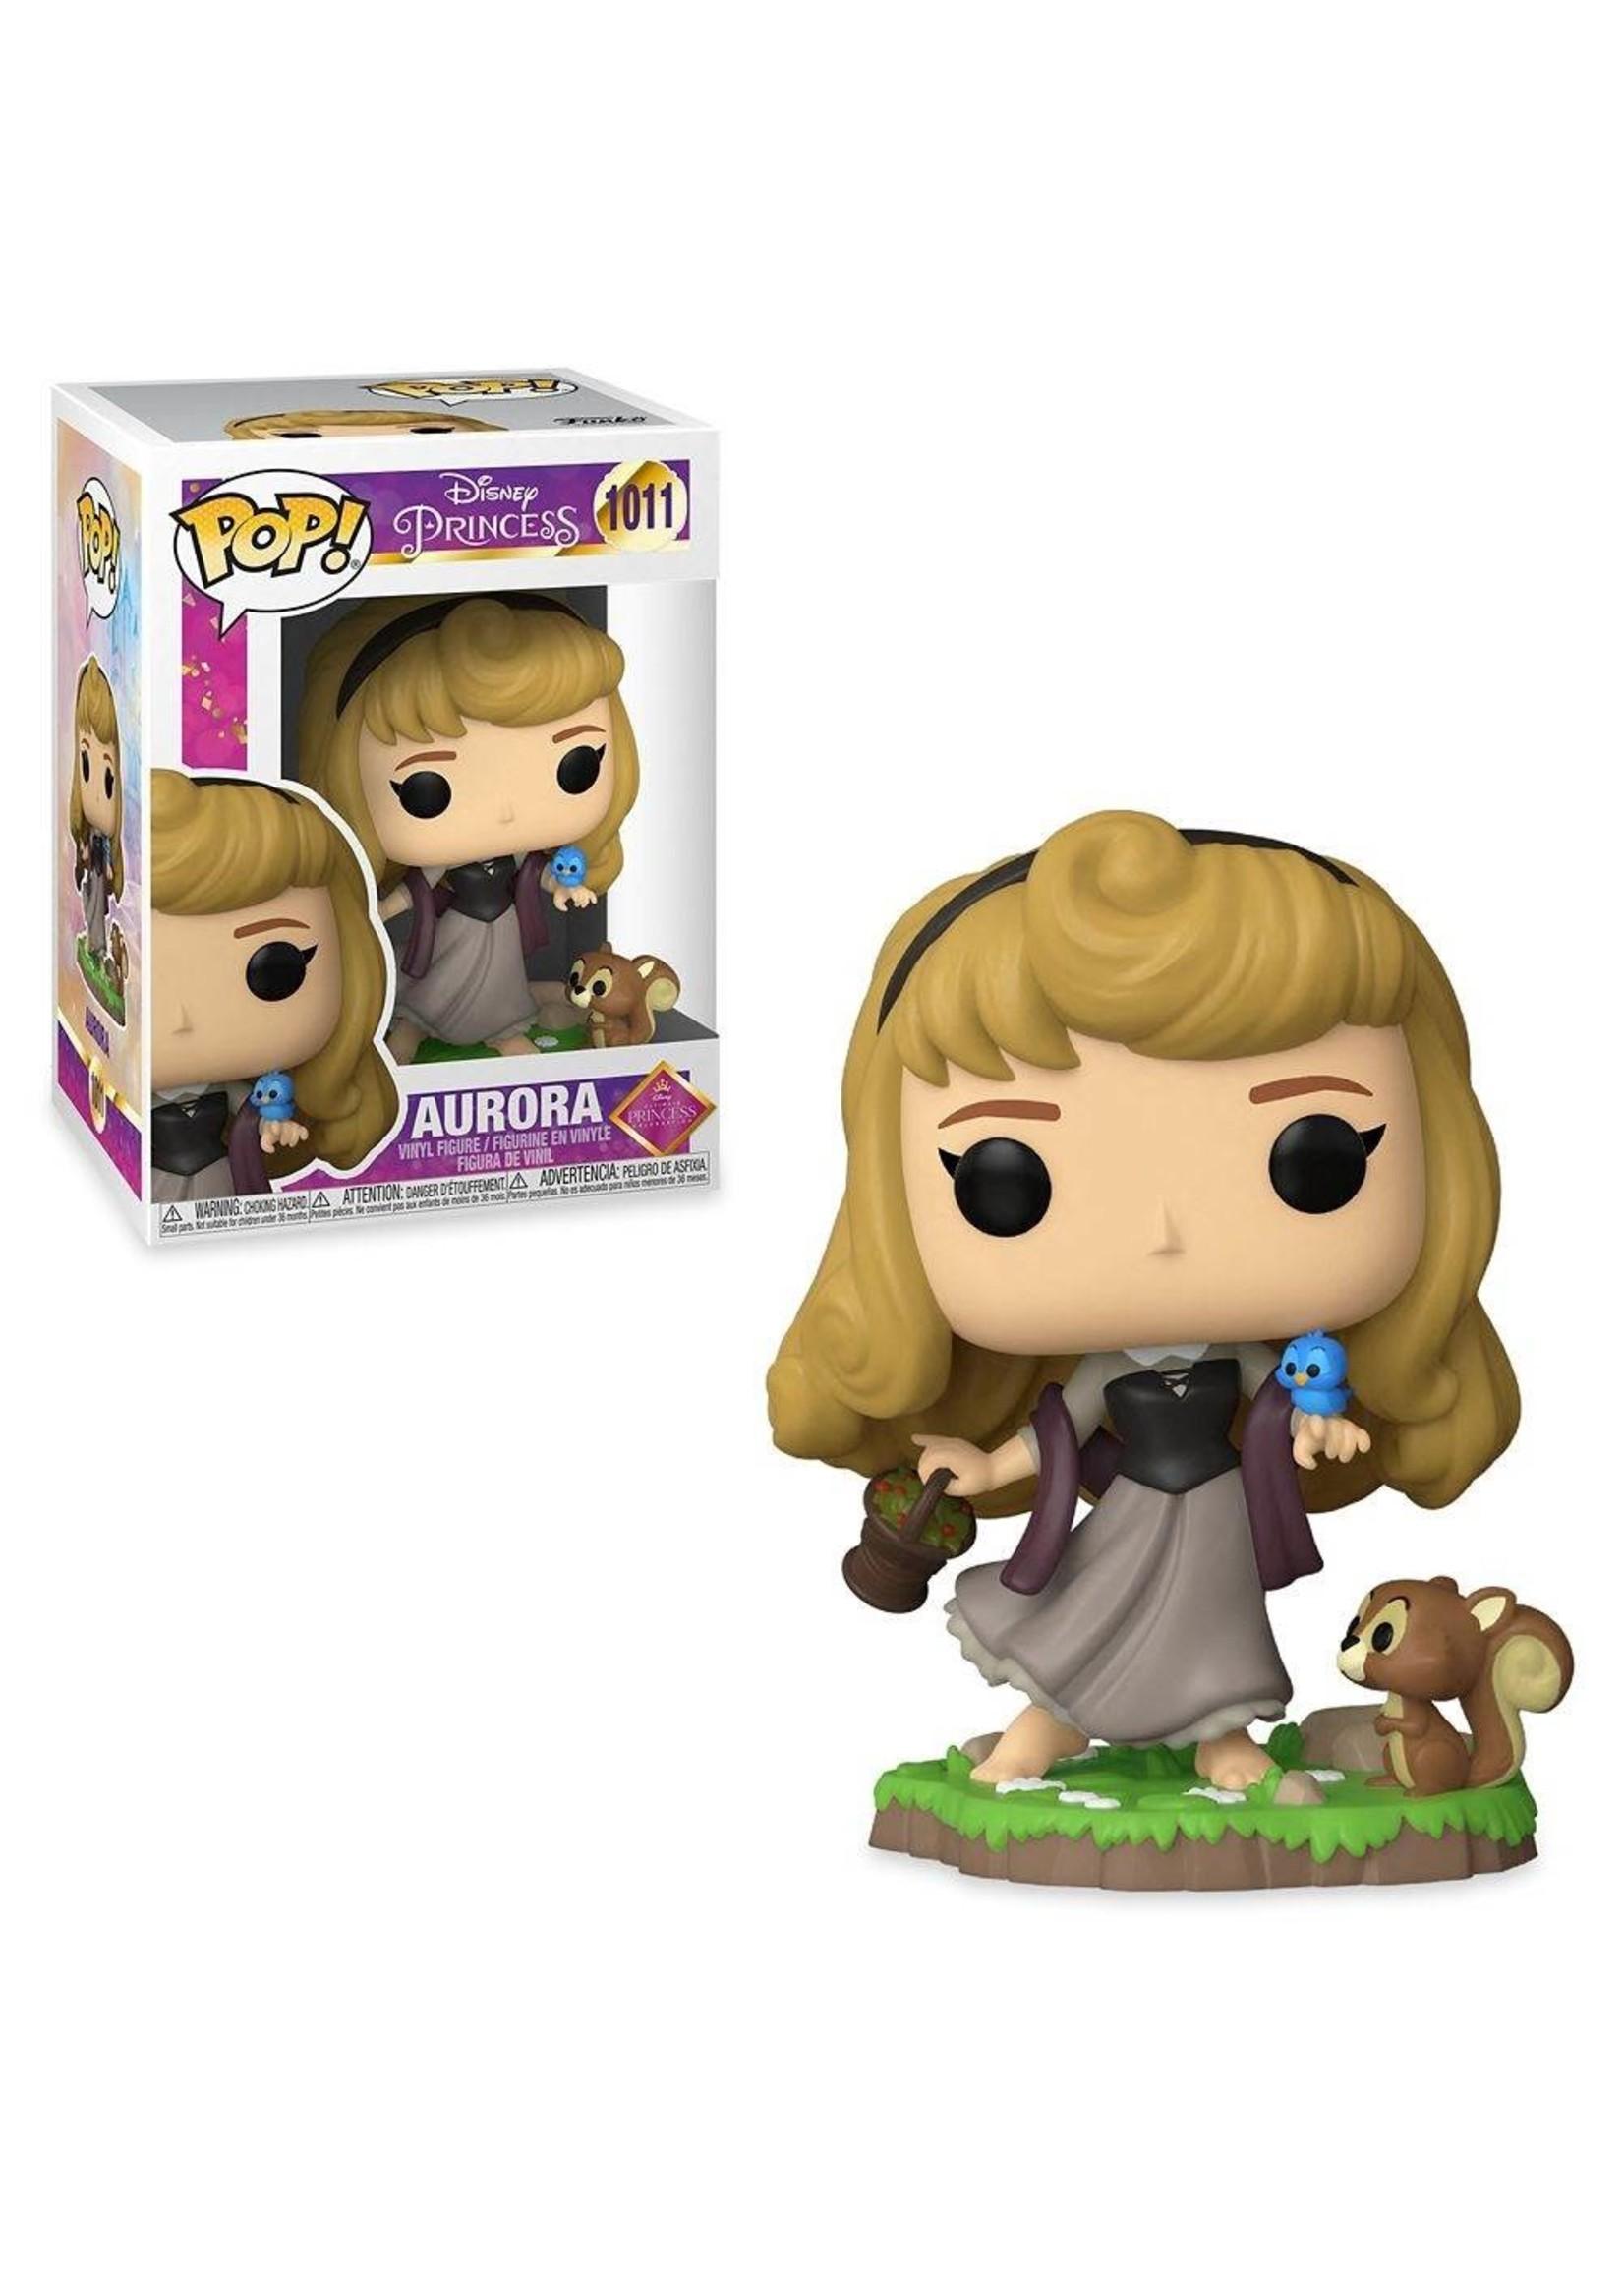 Disney Princess Aurora Pop